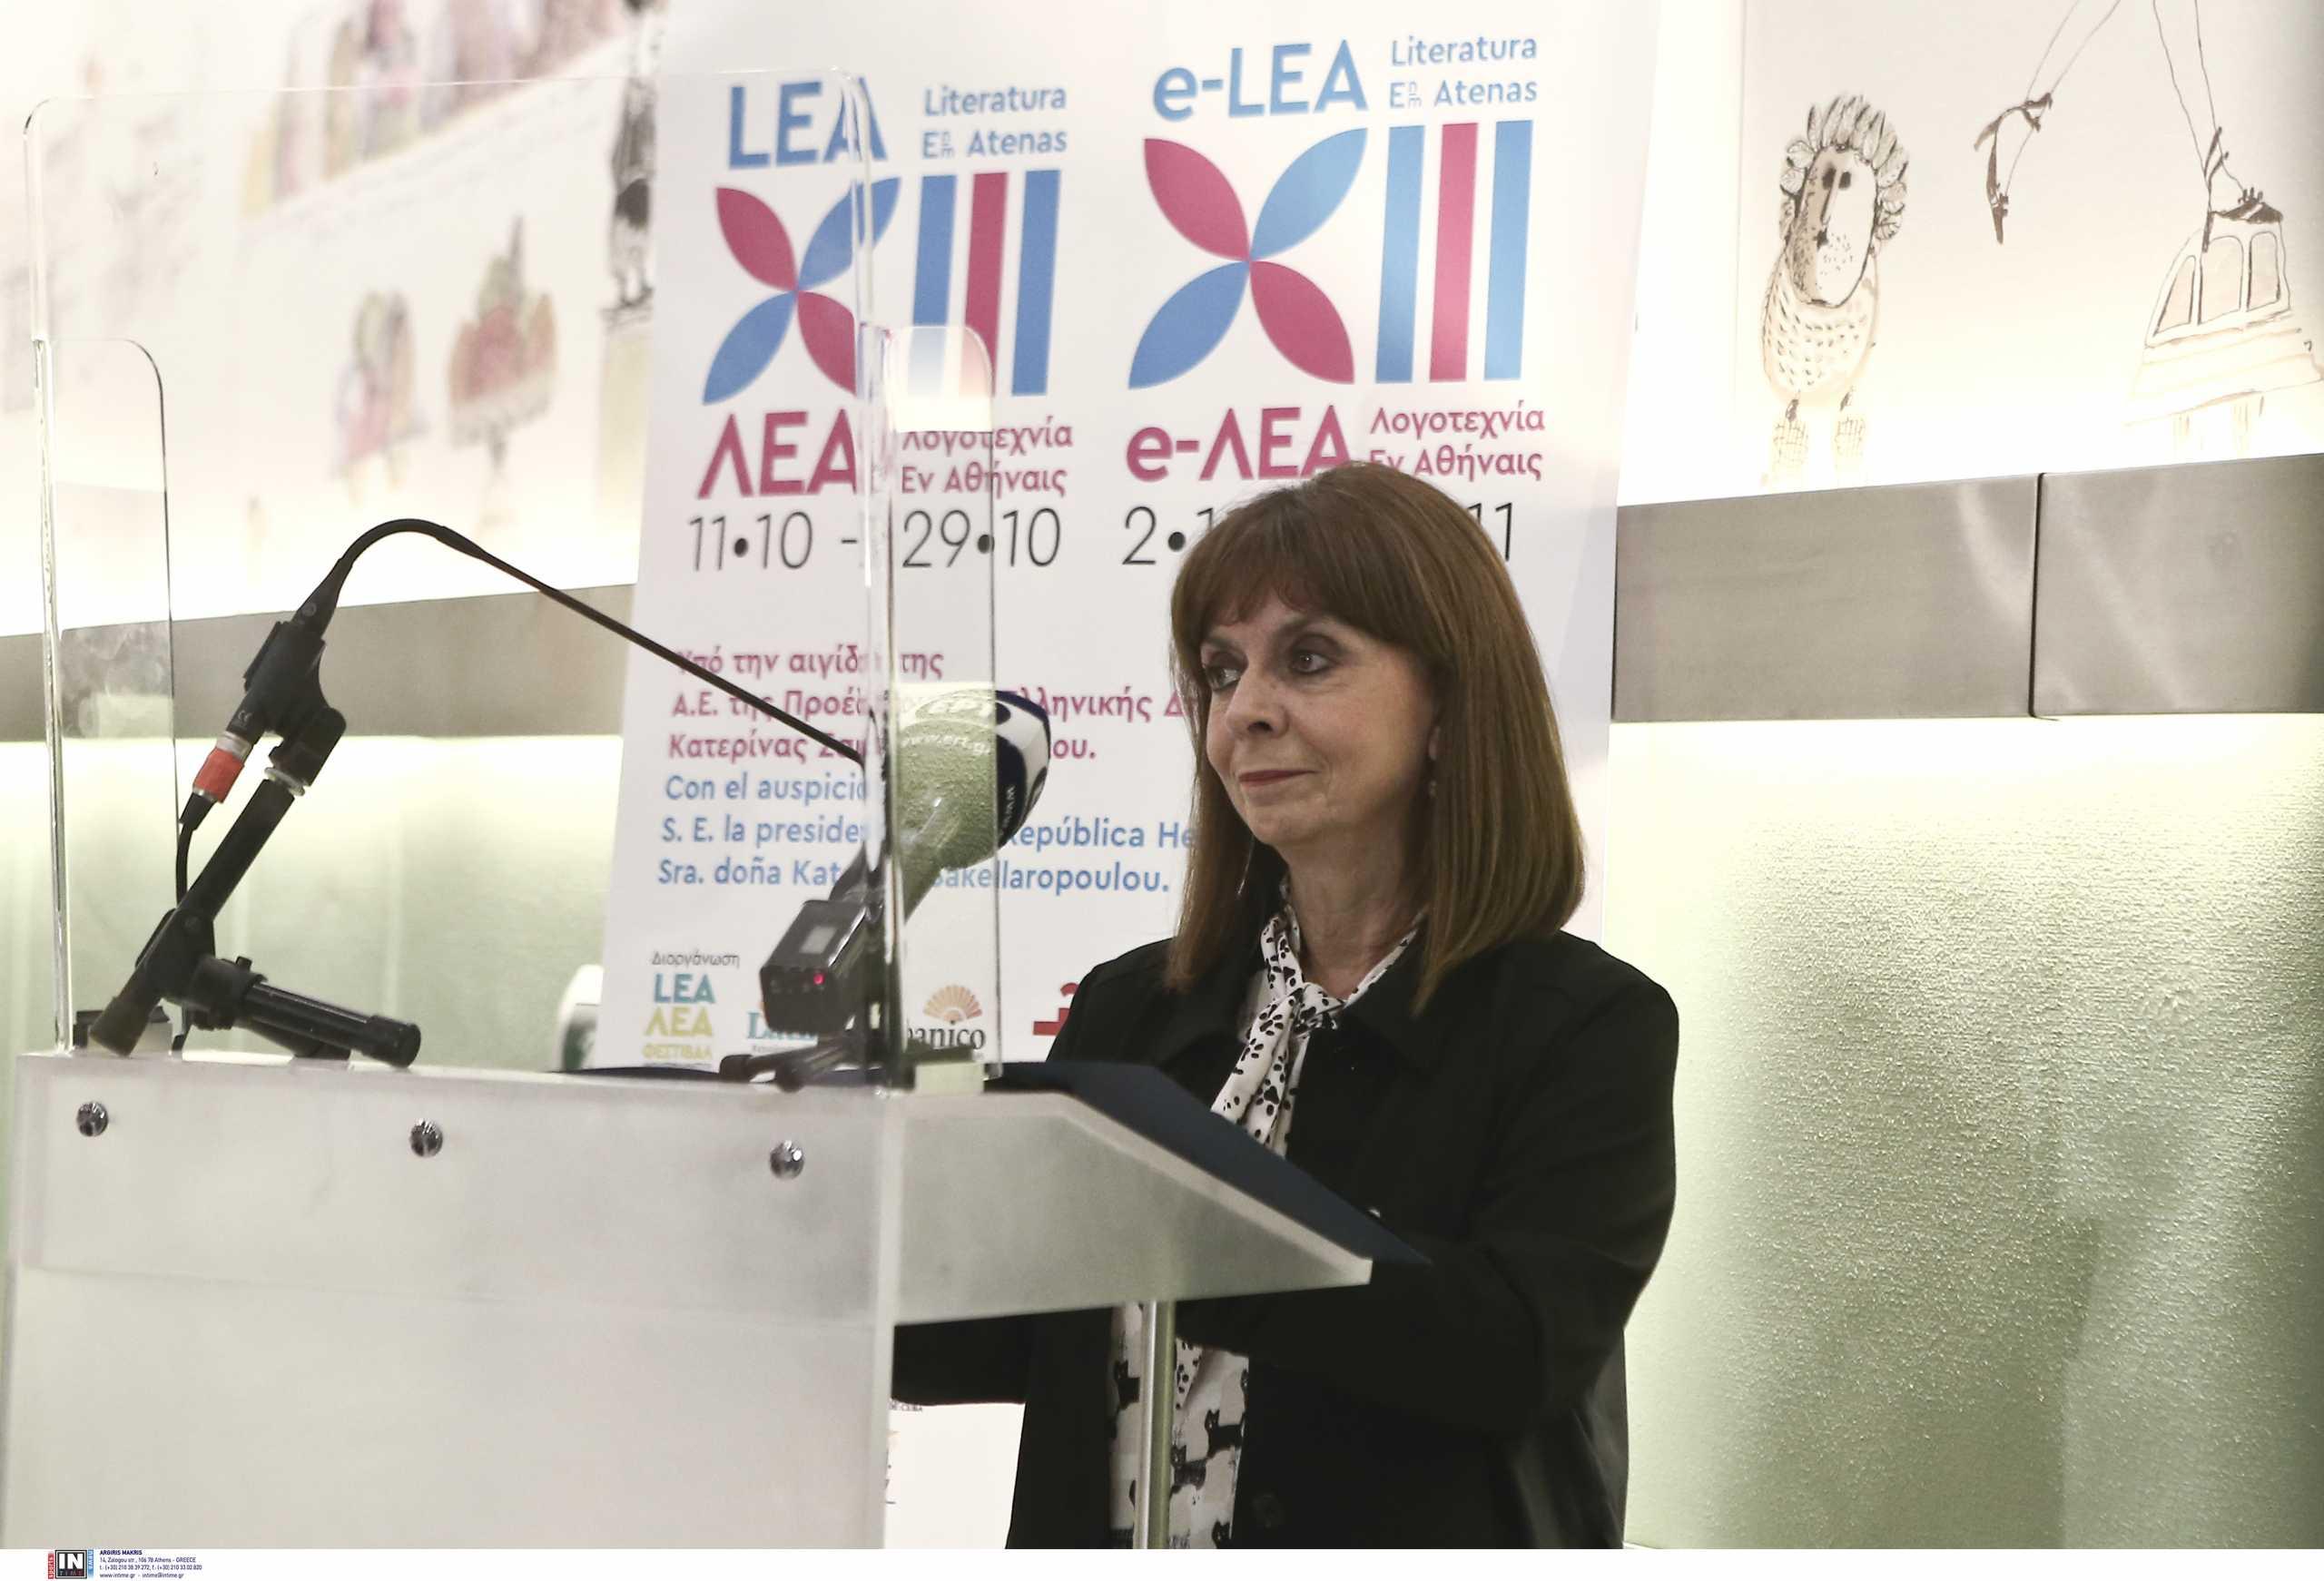 Κατερίνα Σακελλαροπούλου: Κήρυξε την έναρξη του 13ου Φεστιβάλ ΛΕΑ στο Μουσείο Μπενάκη